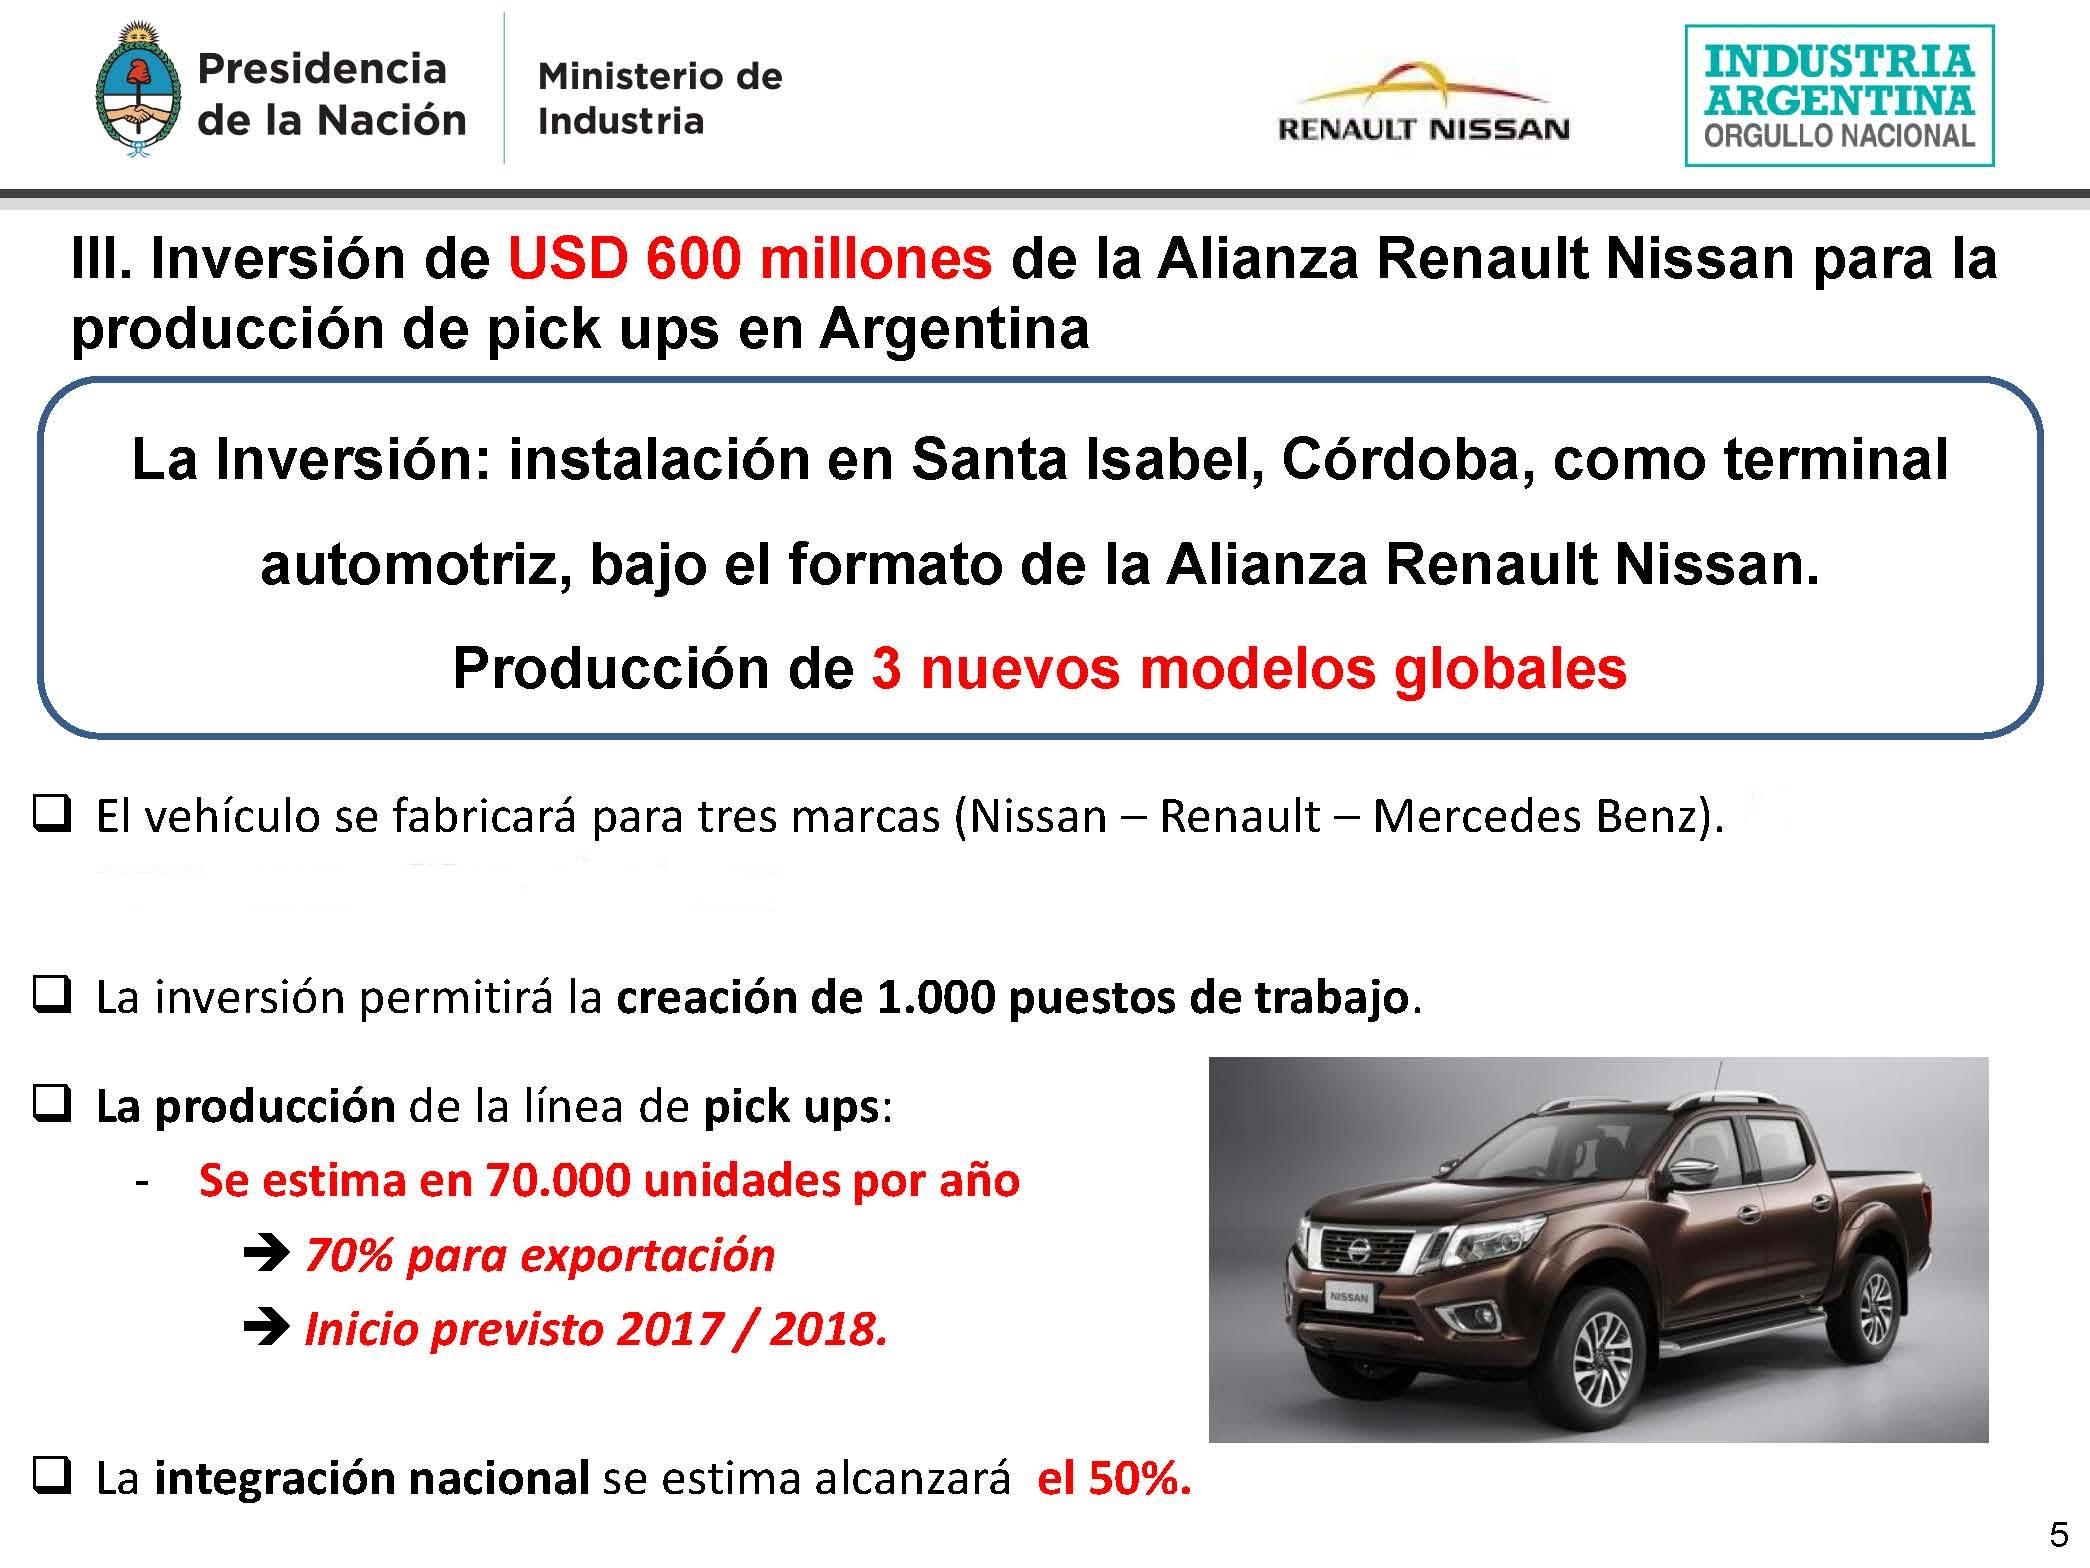 Anunciamos la inversión de USD 600 millones de la Alianza Renault Nissan para la producción de pick ups